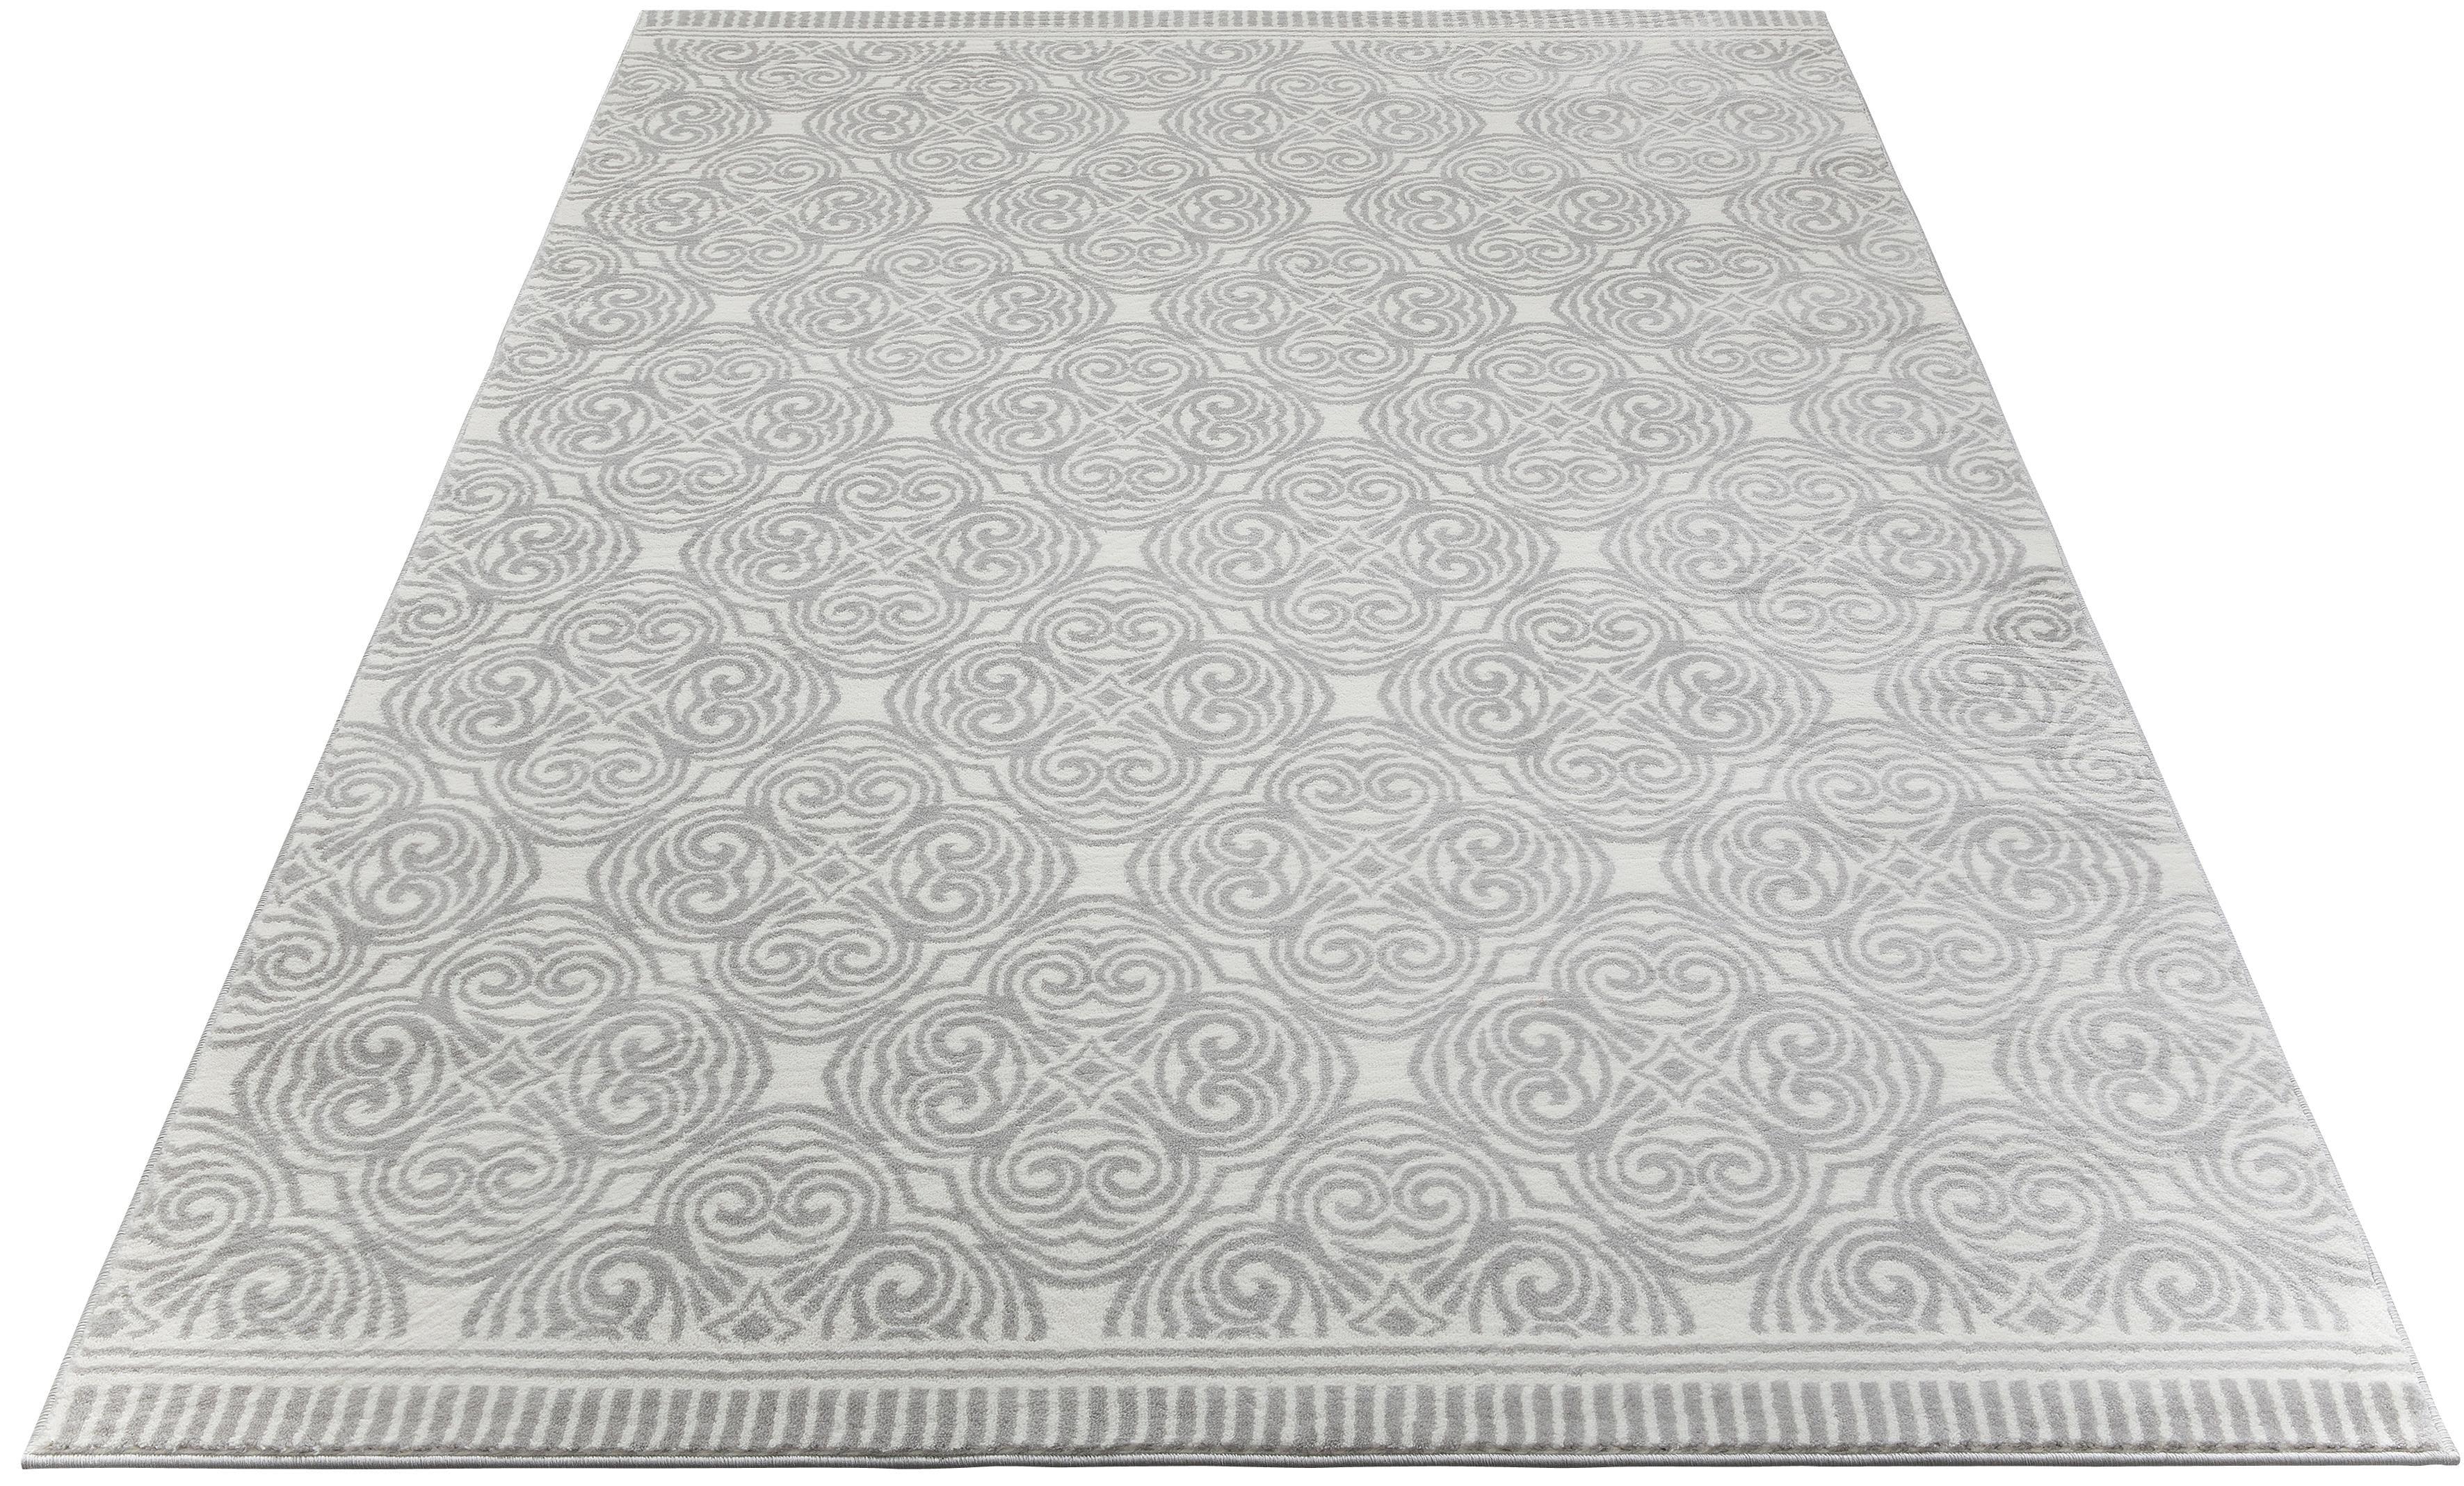 Teppich Kusma andas rechteckig Höhe 11 mm maschinell gewebt